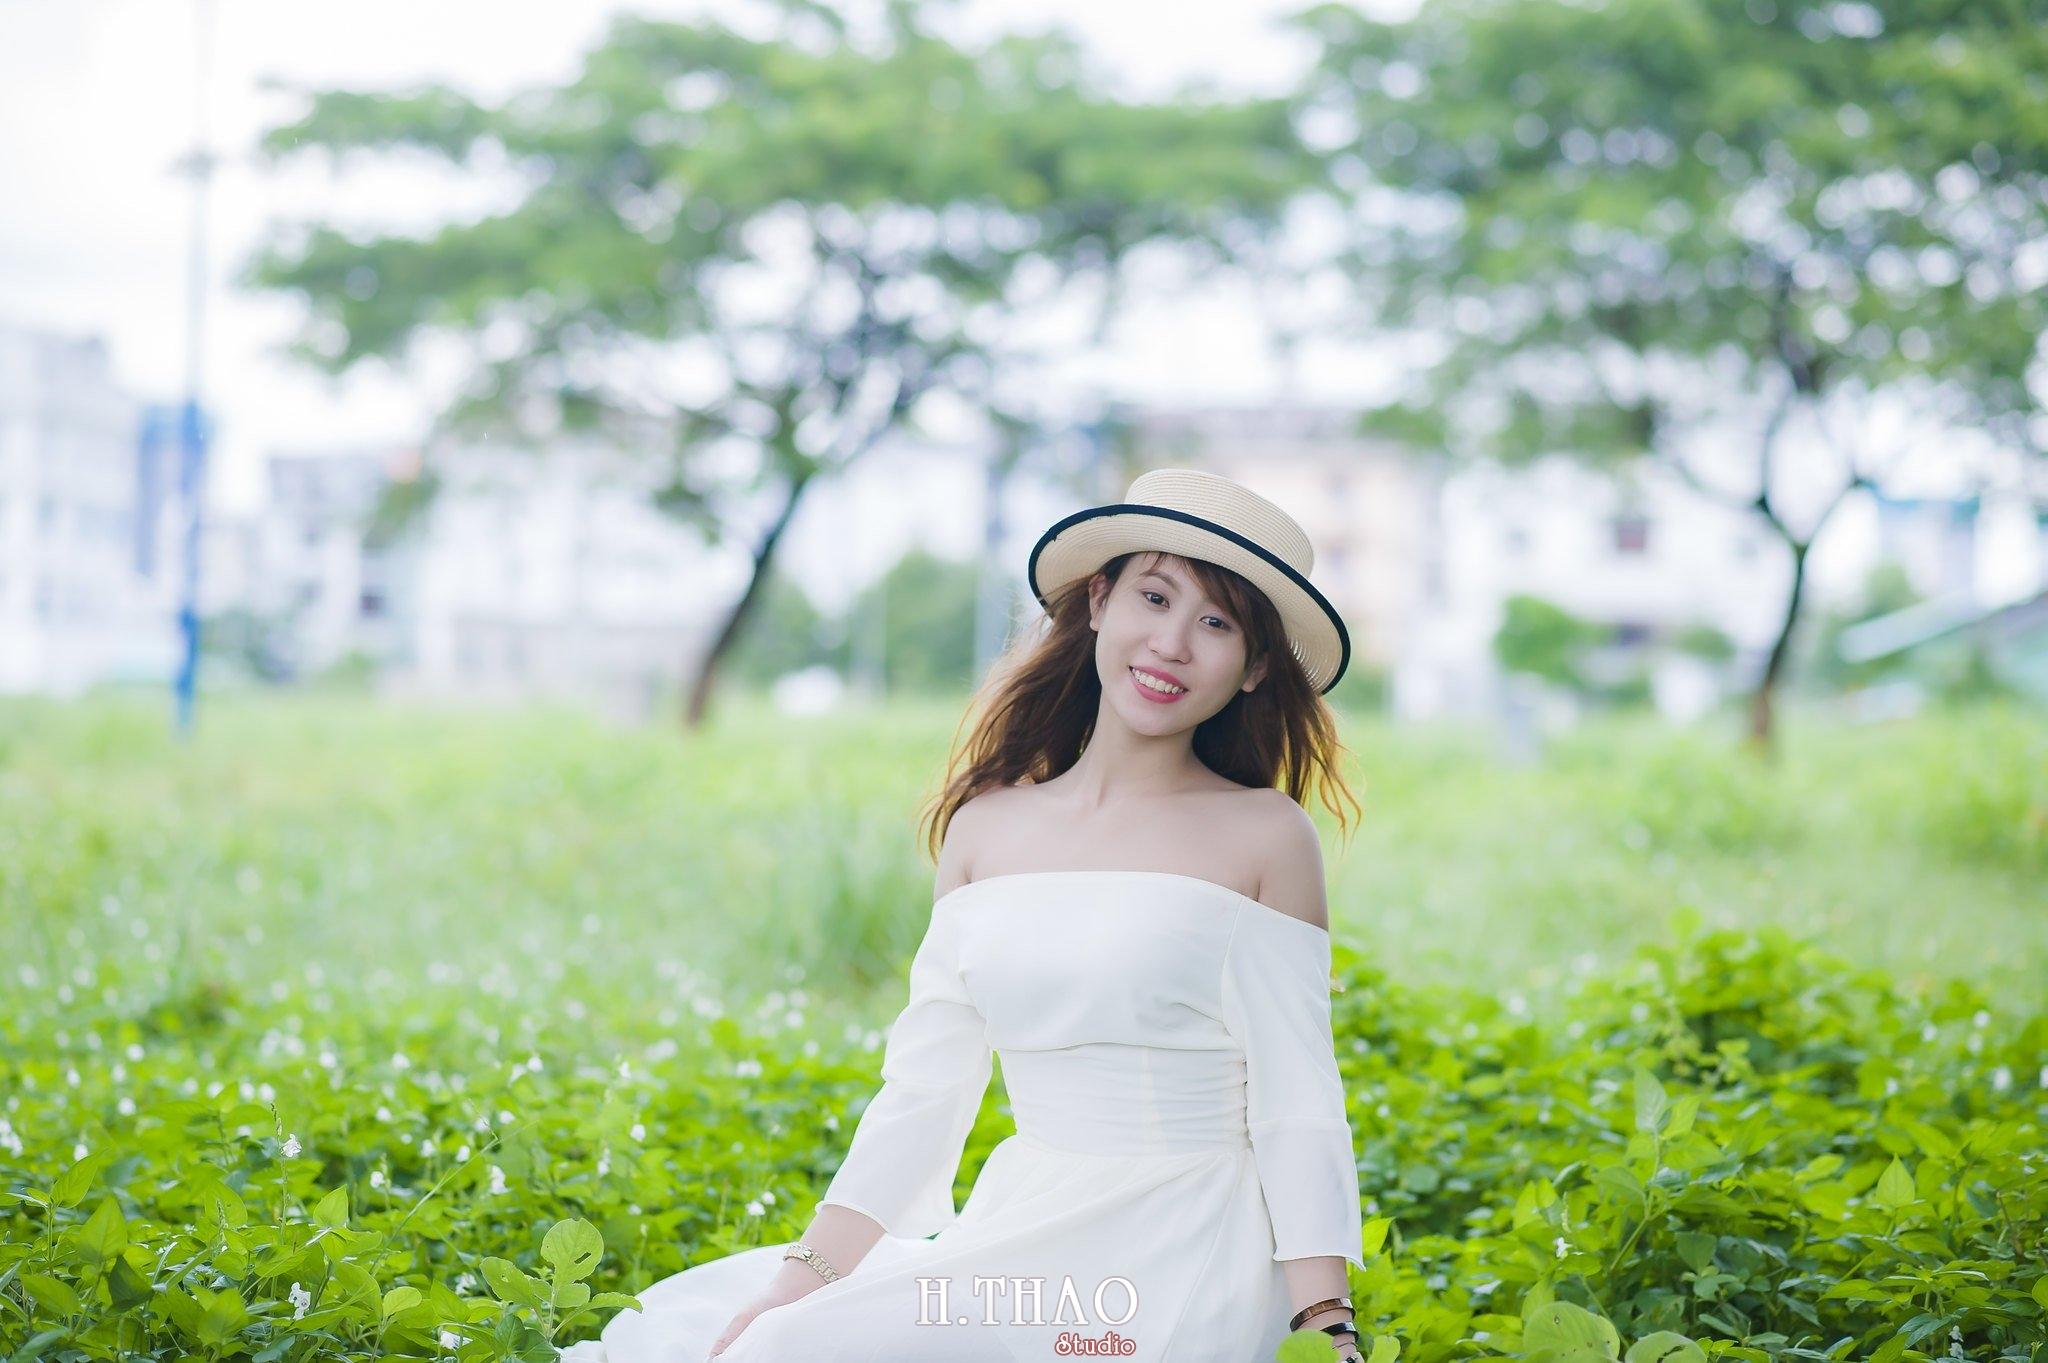 anh dao kim cuong 7 - Tổng hợp những góc ảnh đẹp chụp ở đảo kim cương quận 2 - HThao Studio